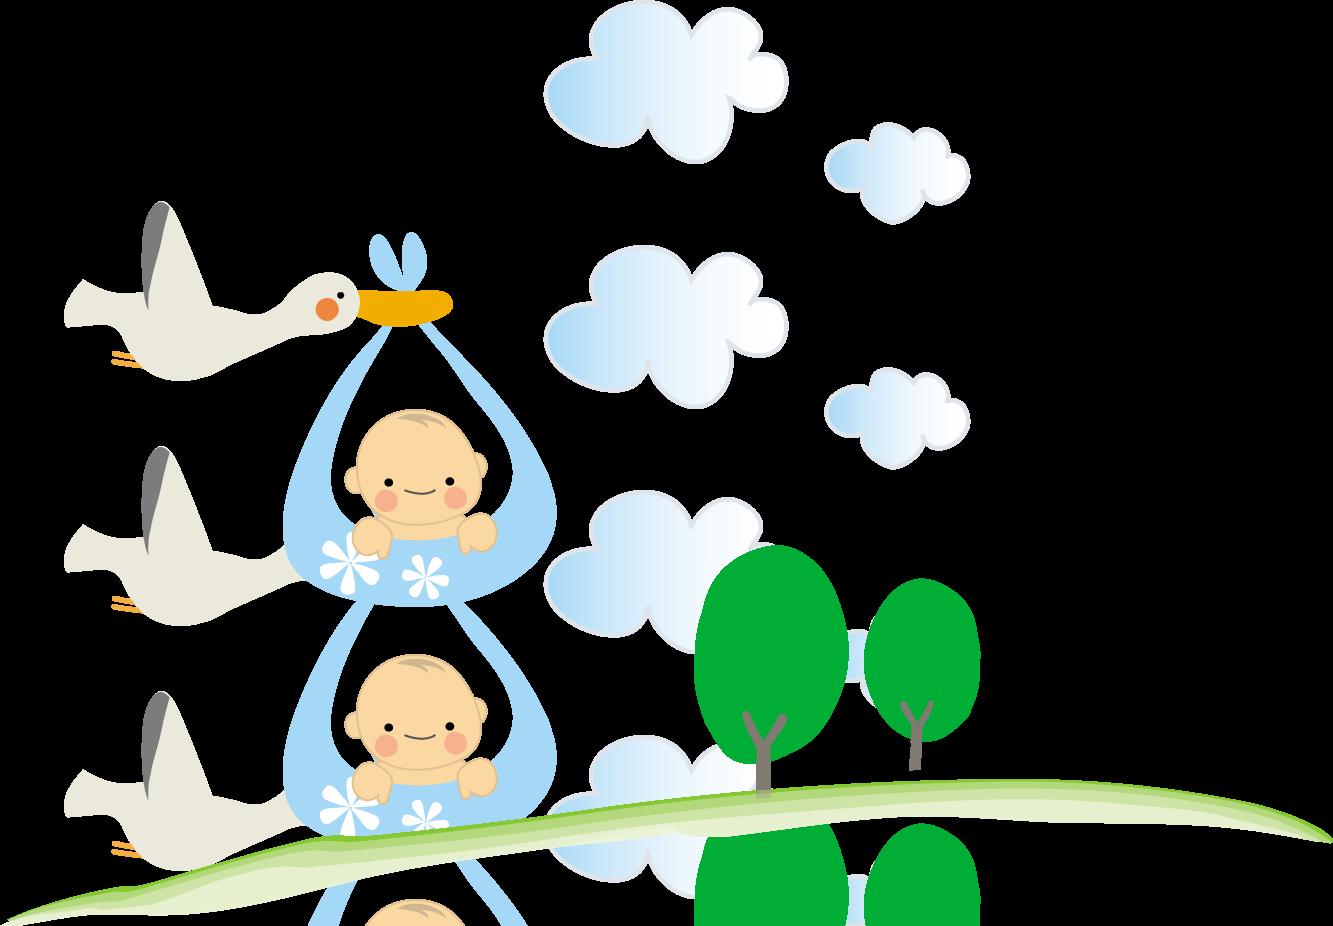 赤ちゃんとコウノトリのイラスト(baby)無料イラスト/フリー素材